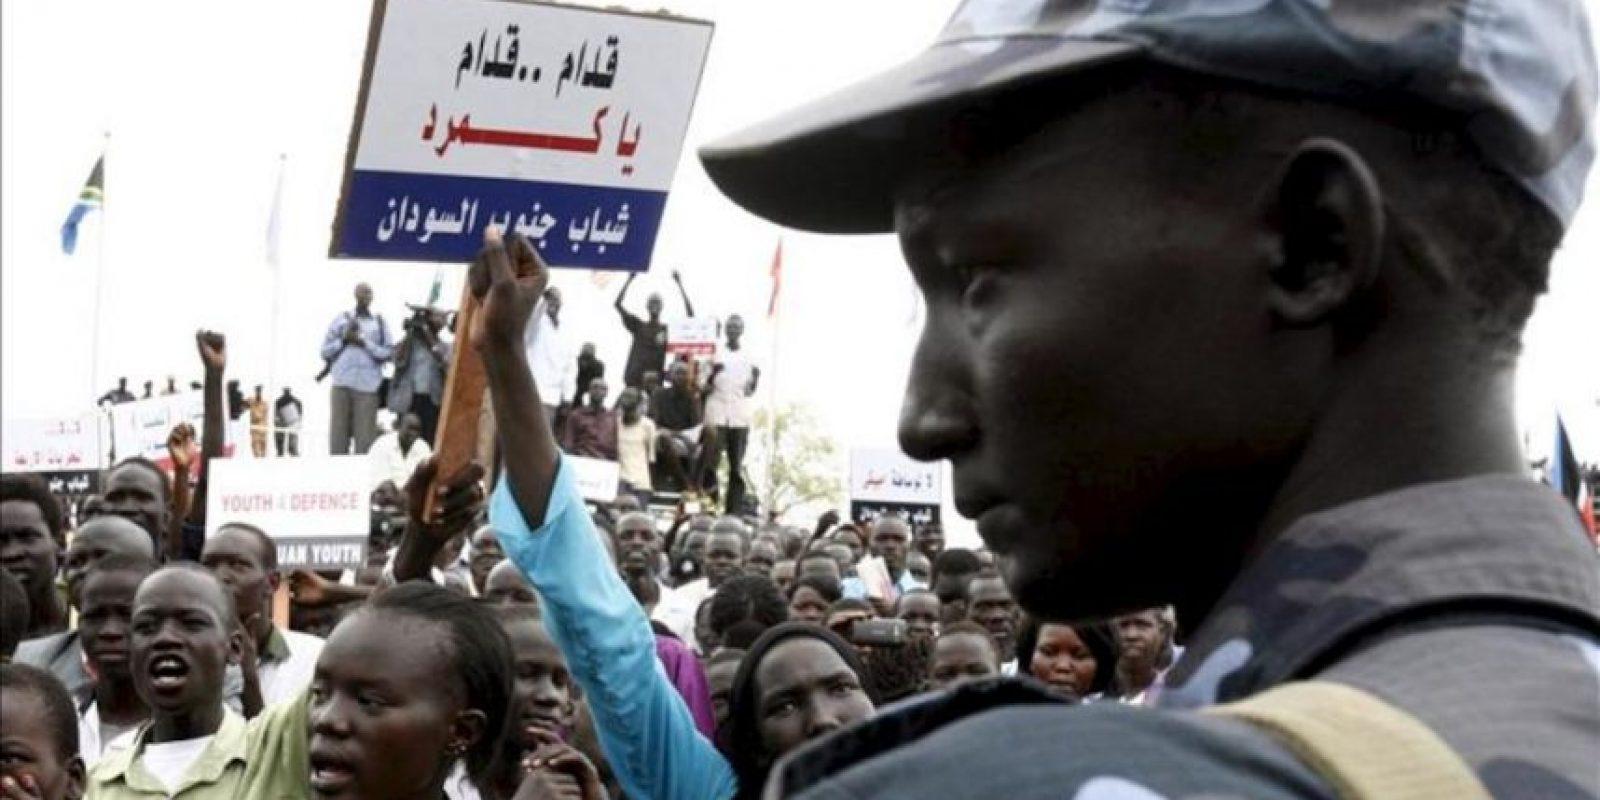 Sursudaneses se manifiestan para mostrar su apoyo al ejército, en Yuba, Sudán del Sur. EFE/Archivo